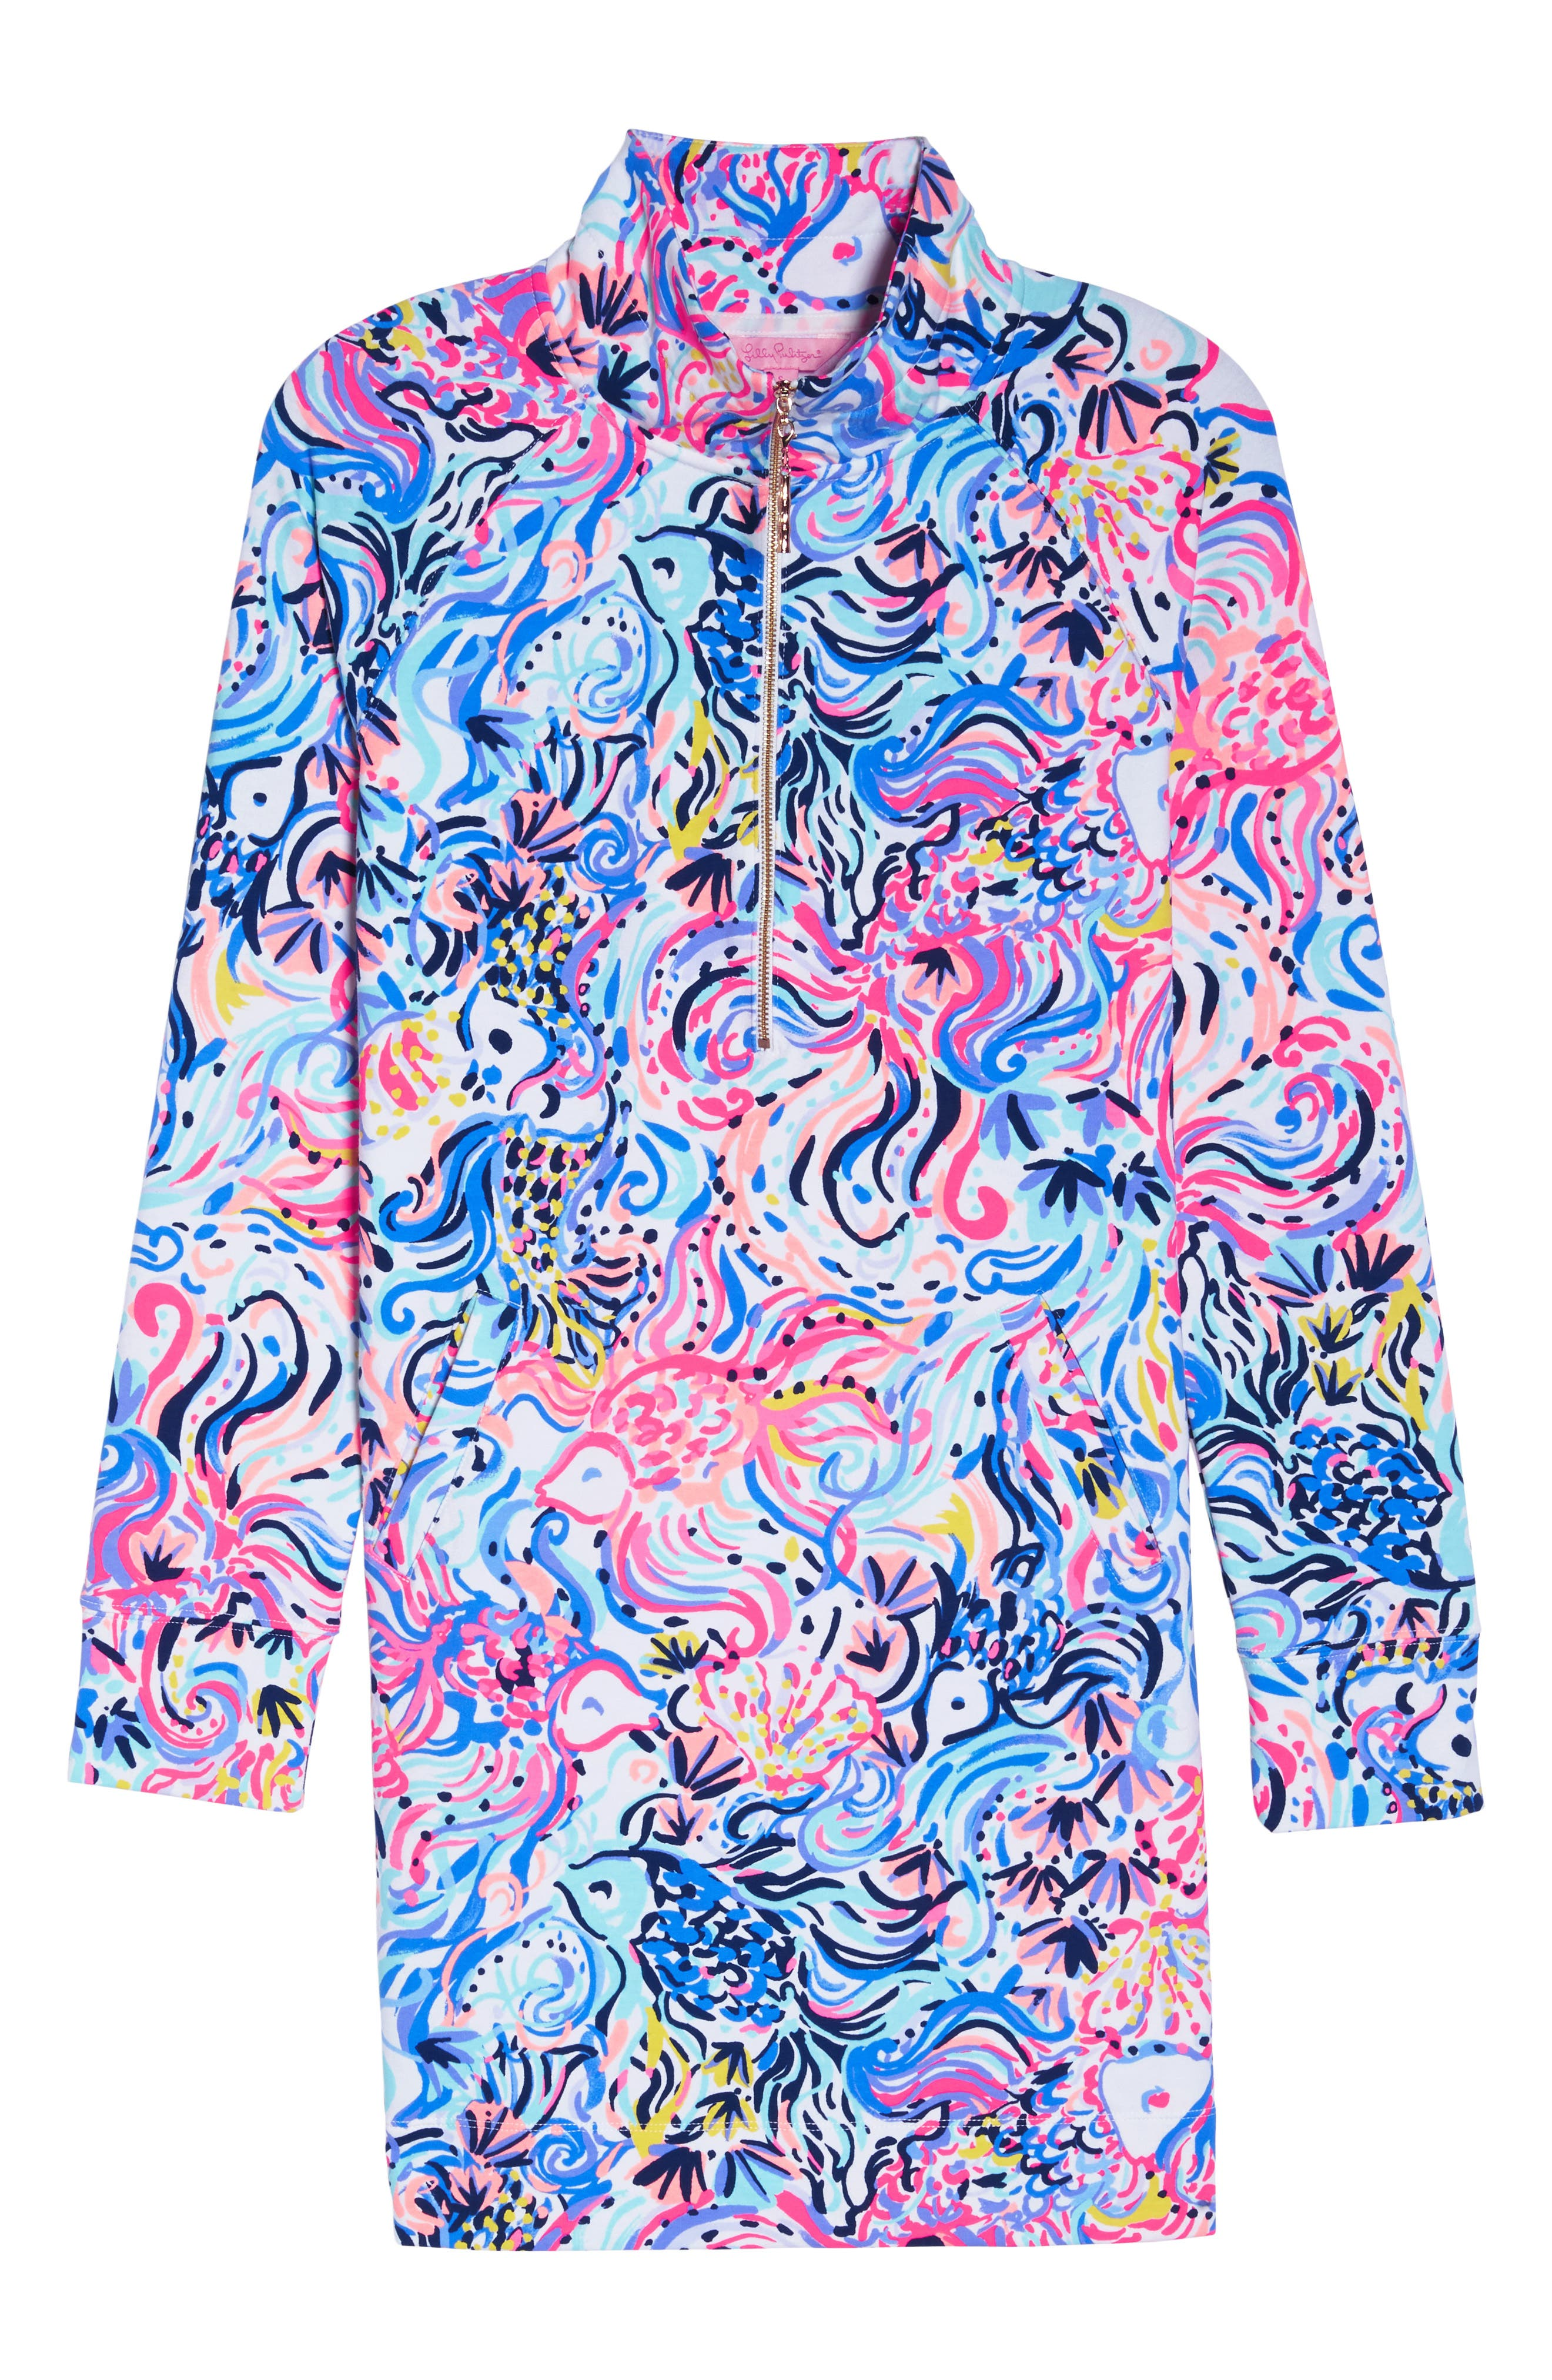 Skipper UPF 50+ Dress,                             Alternate thumbnail 6, color,                             Multi So Sophishticated